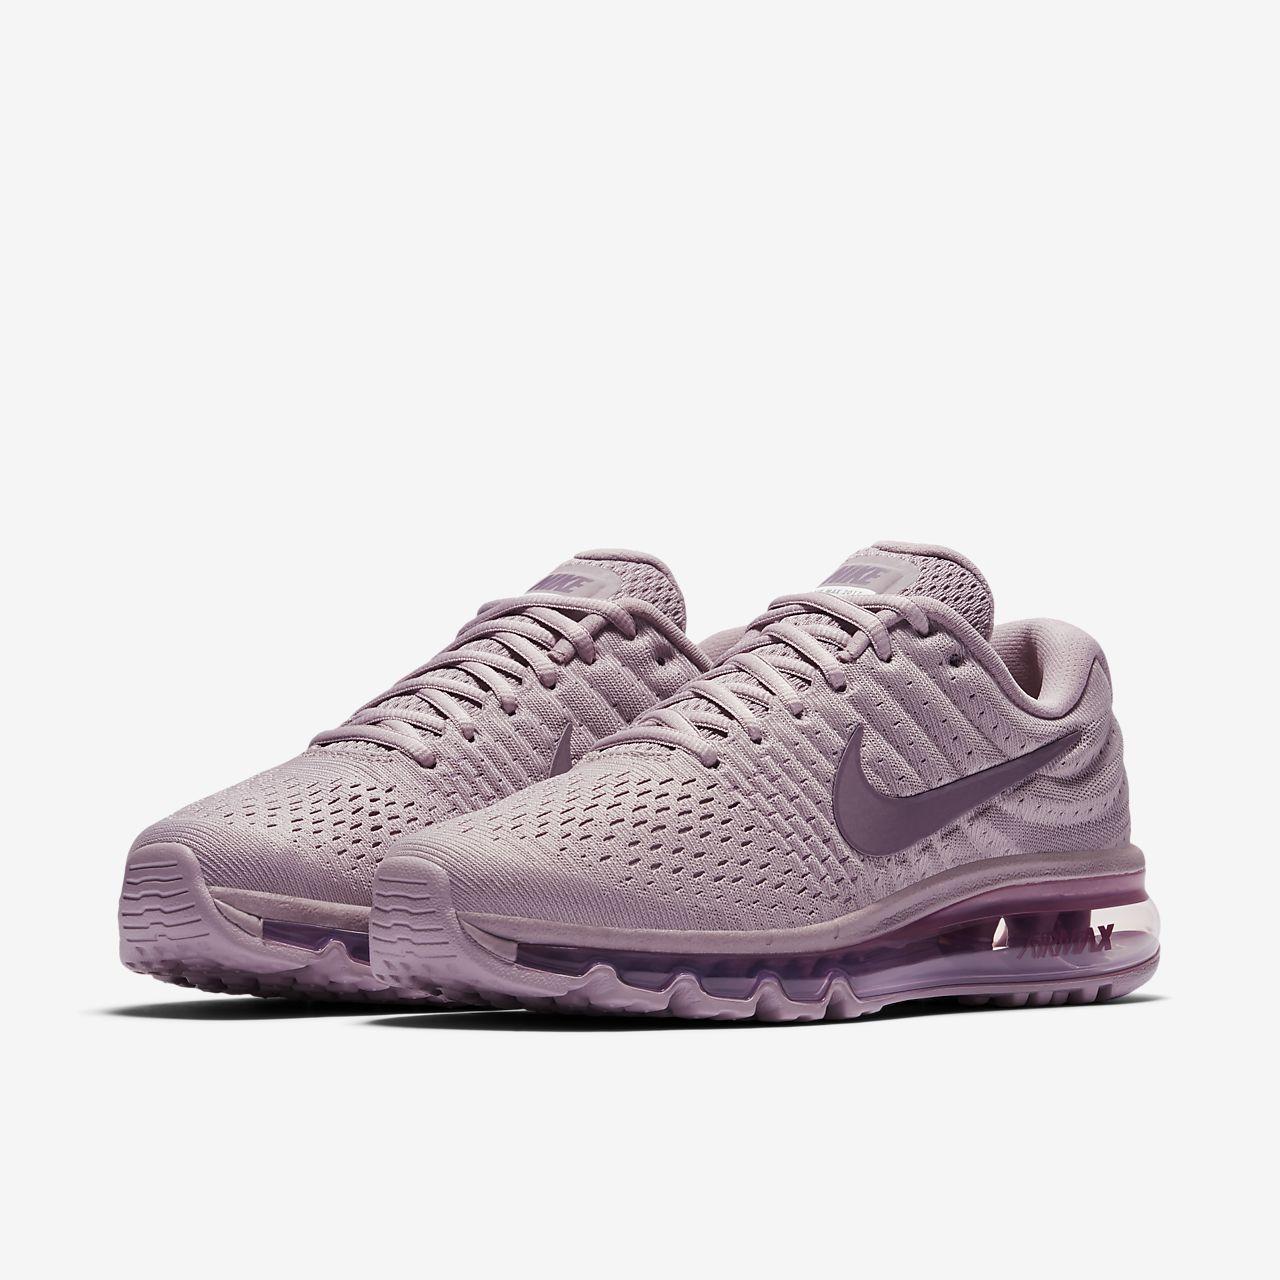 scarpe nike air max 2017 donna